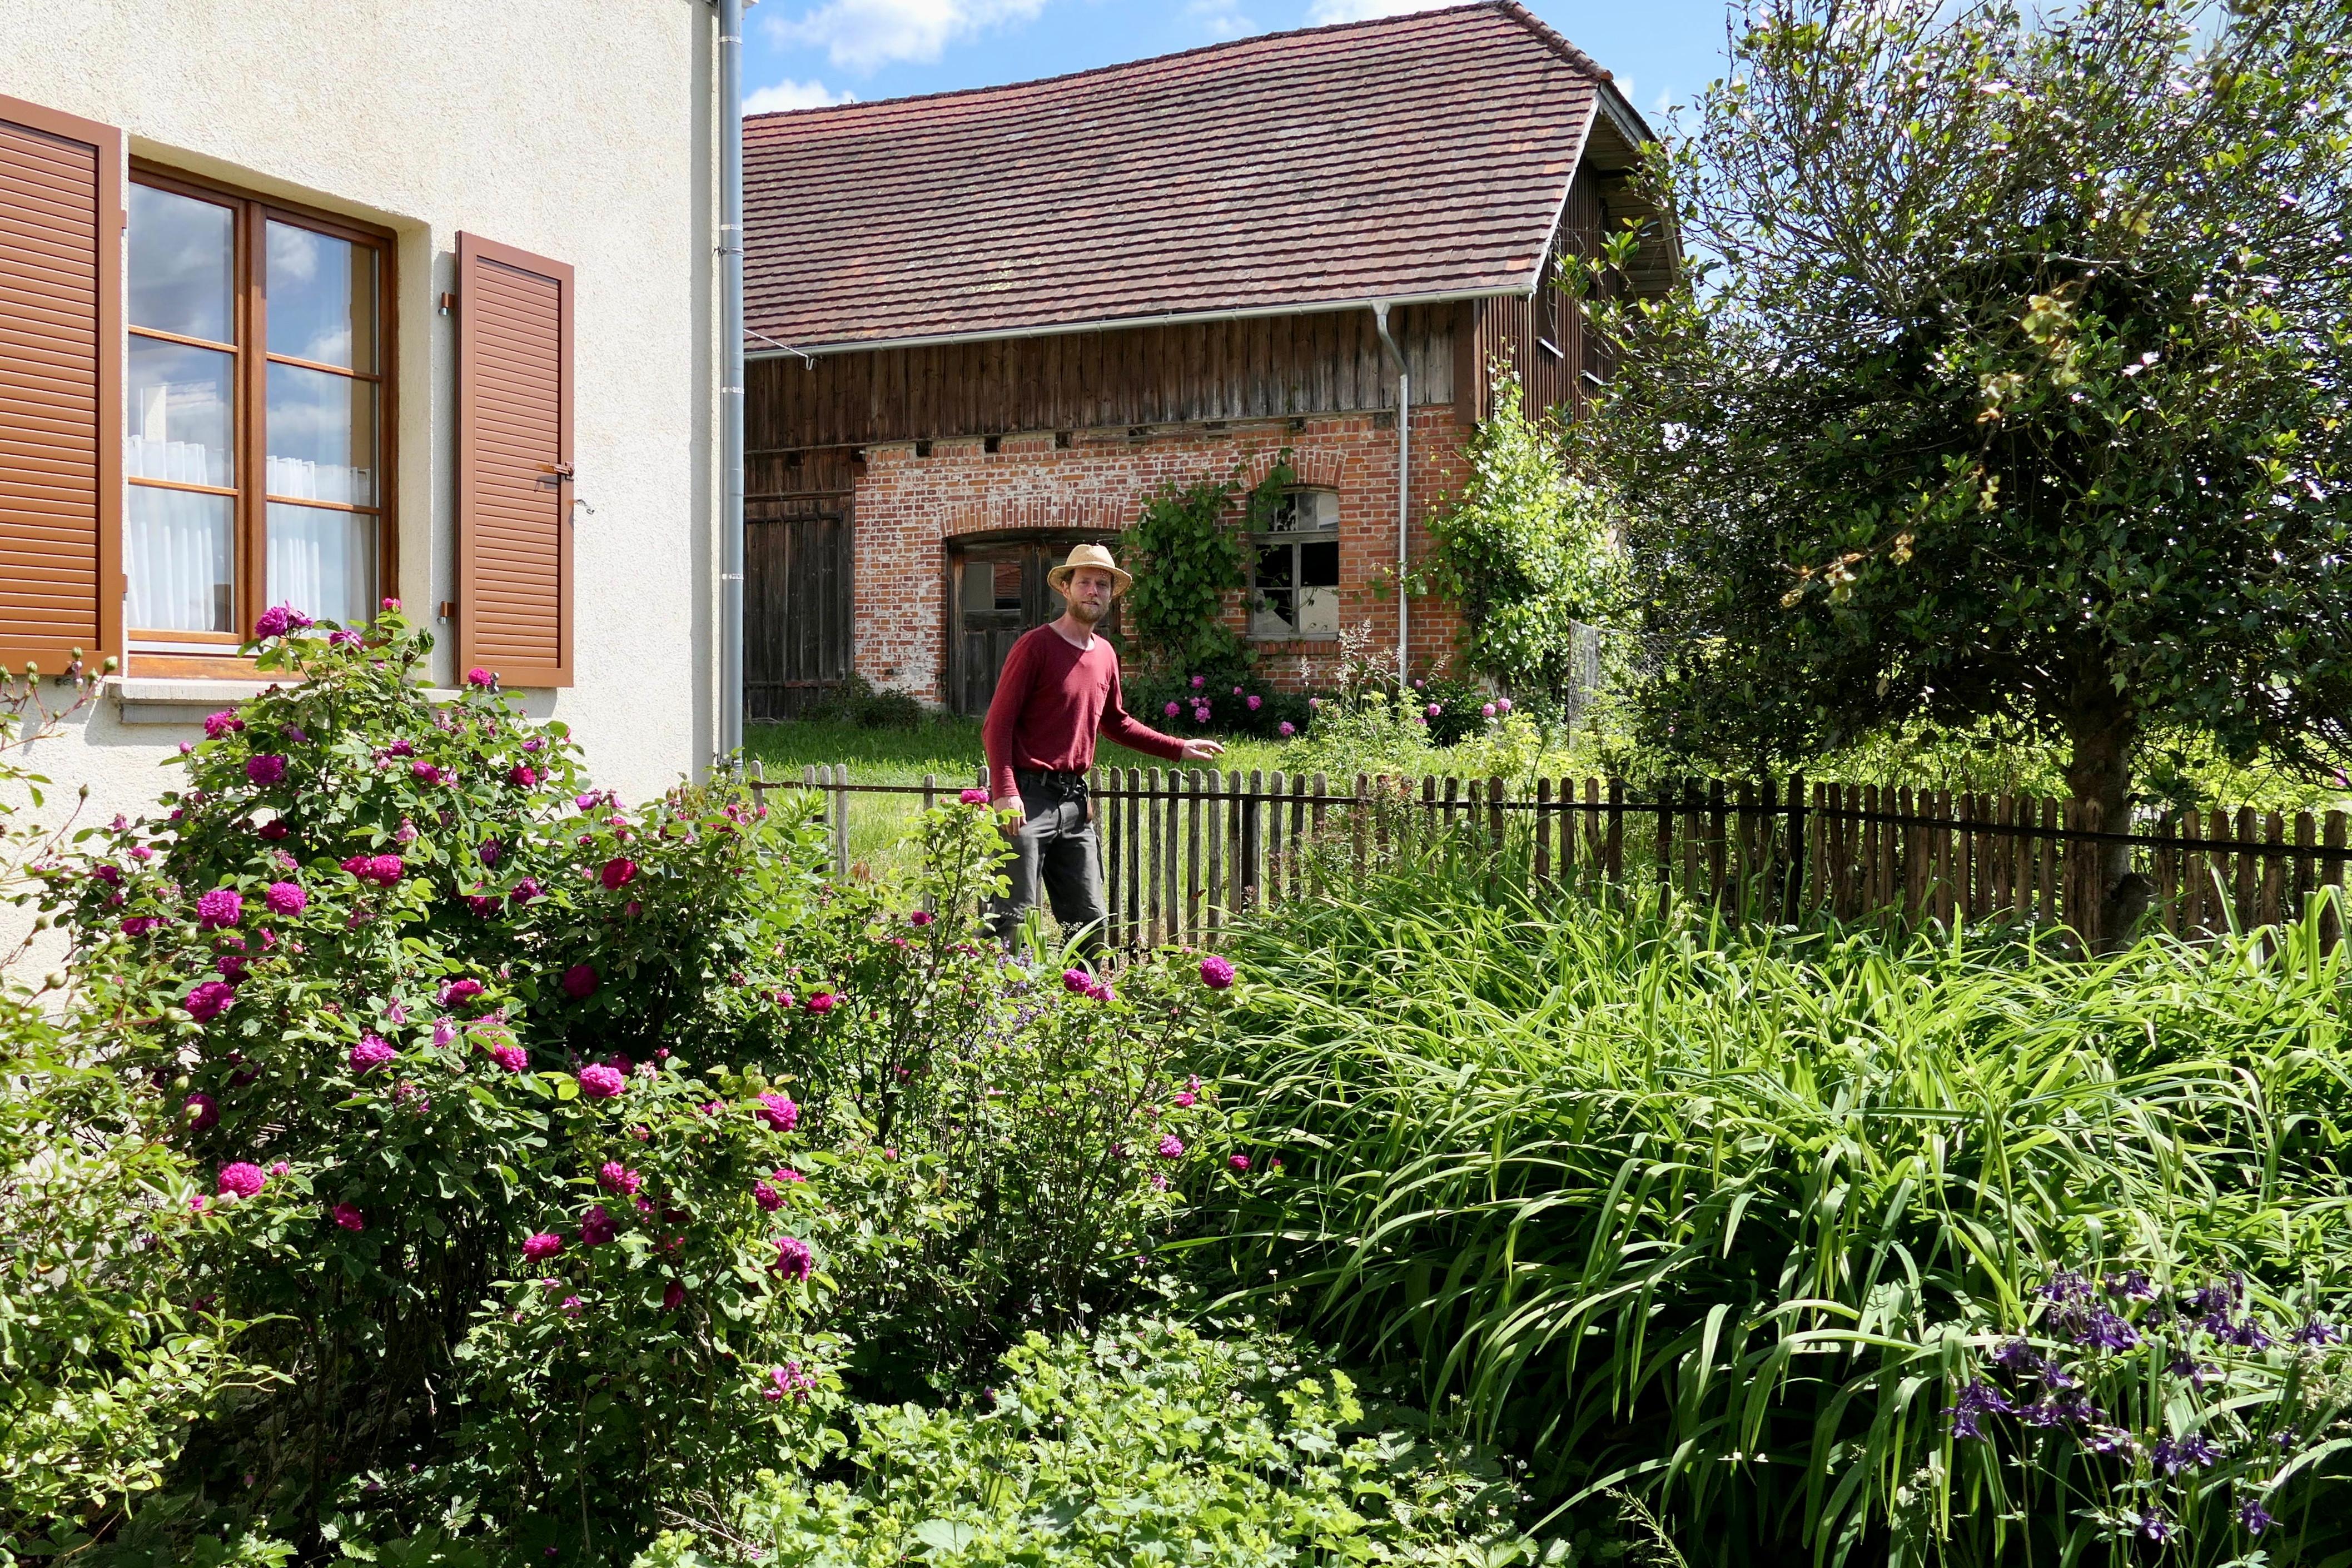 Naturgartenpflege